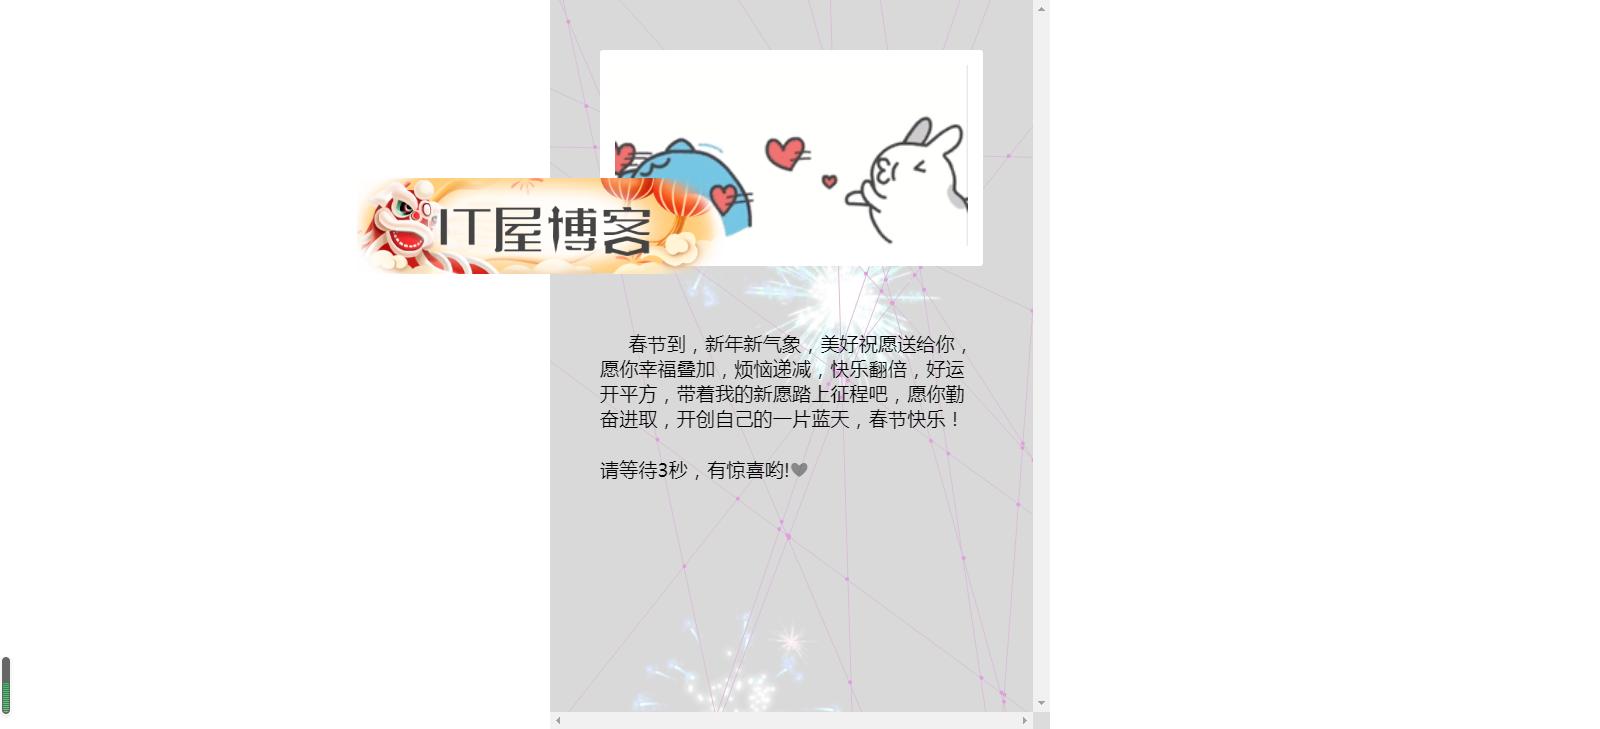 2021新年快乐祝福源码 带音乐 带动画,2021新年快乐祝福源码 带音乐 带动画 第2张,第2张